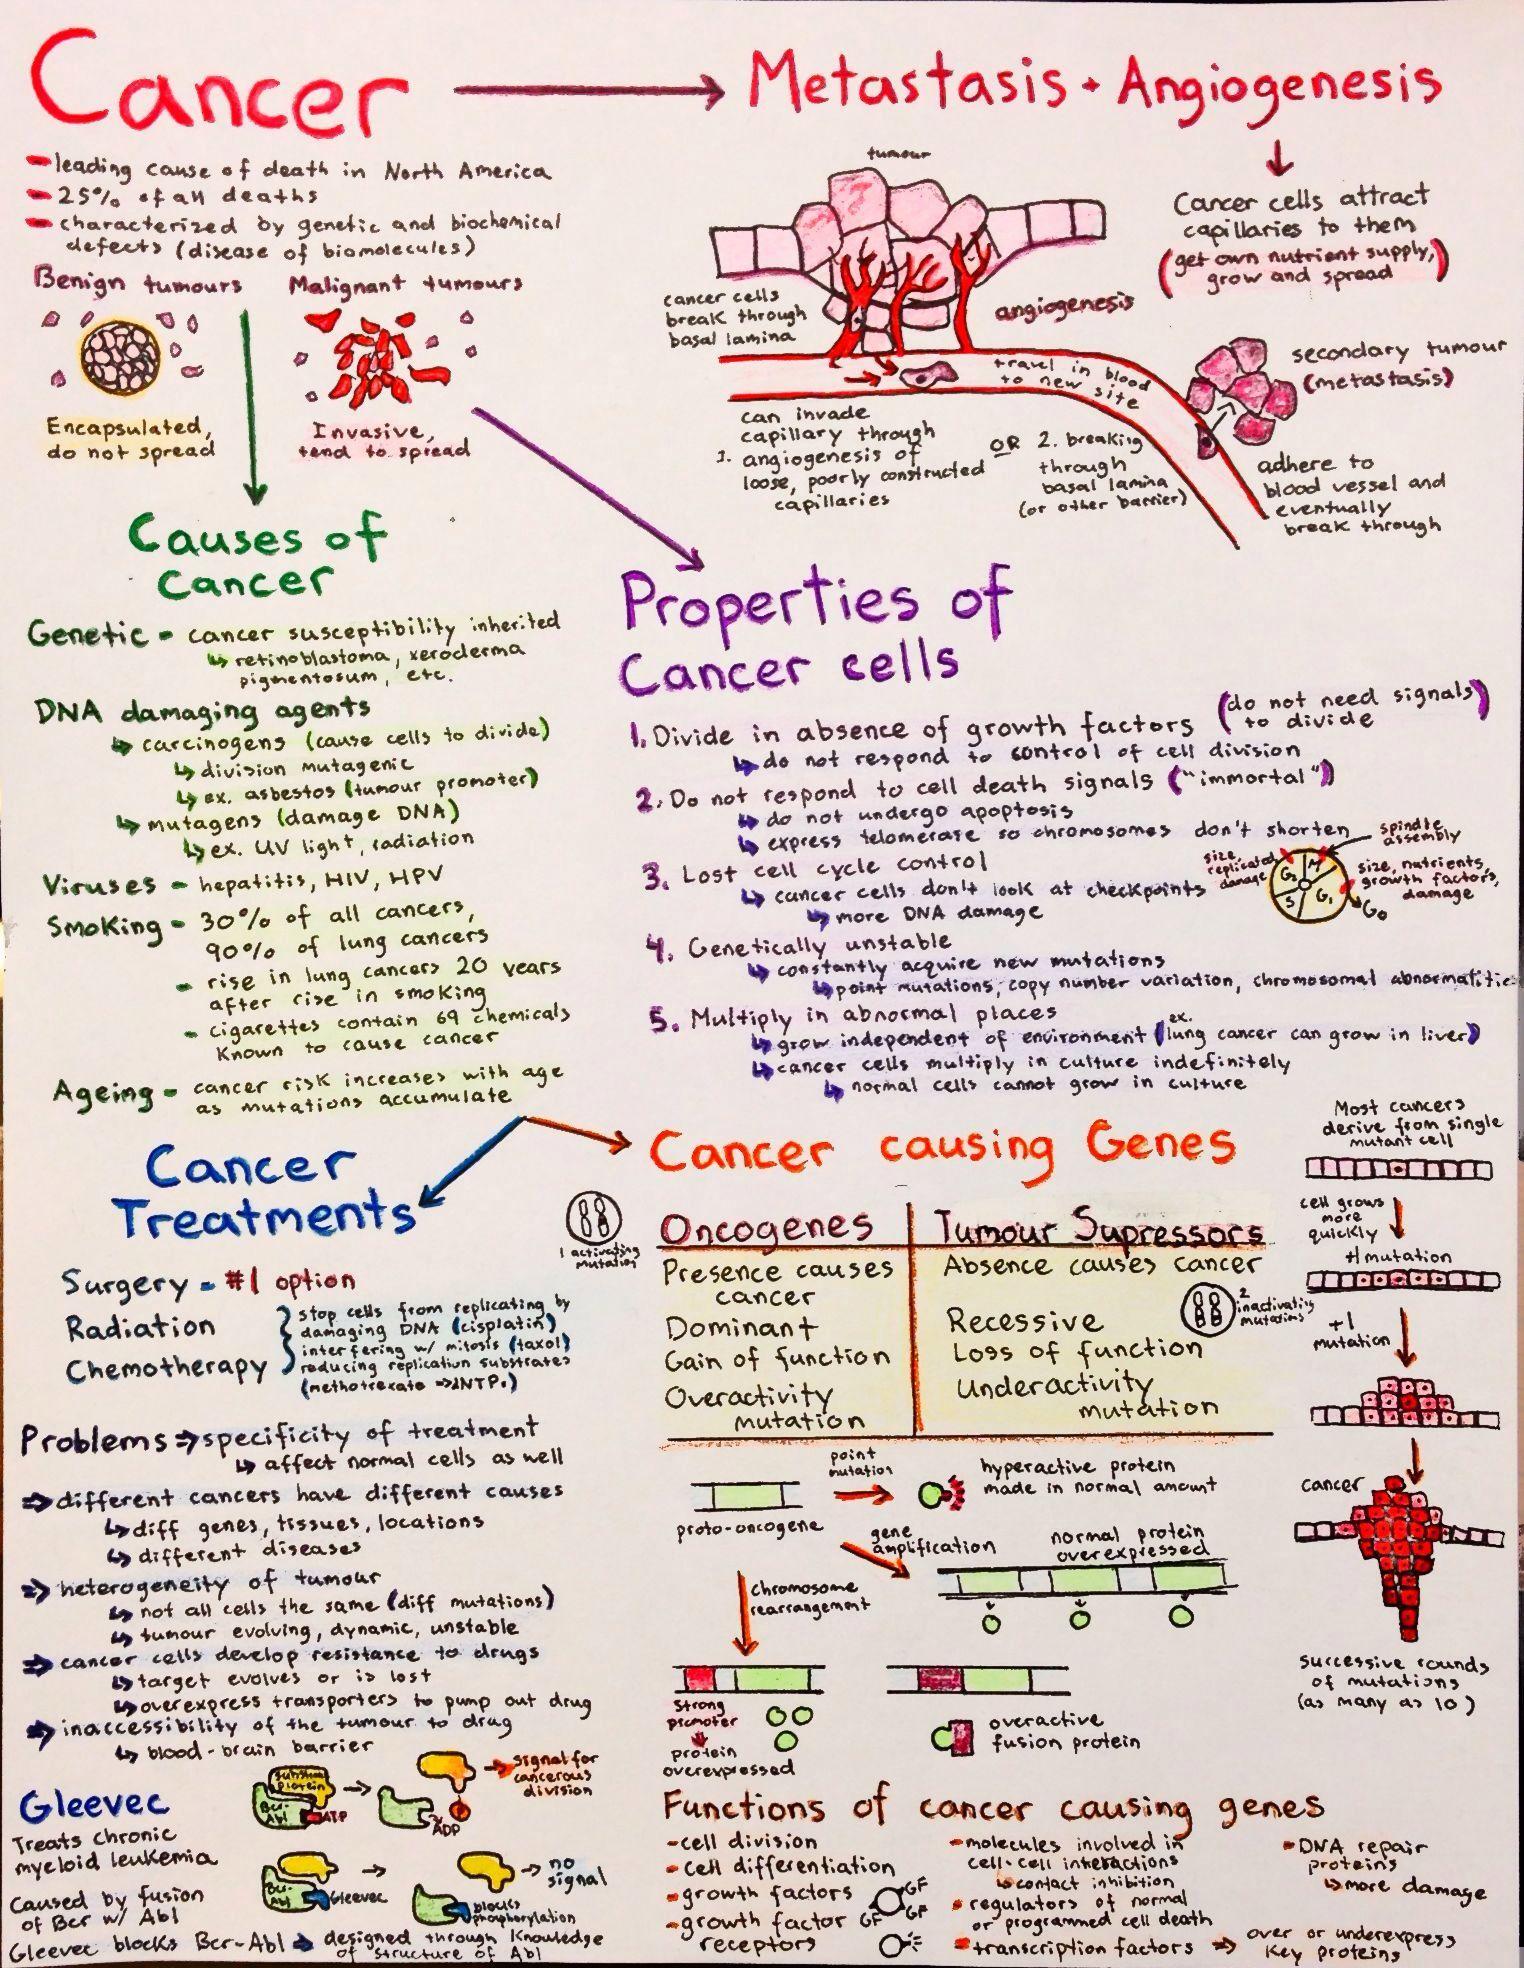 Should I major in Biology or Chemistry? | Student Doctor ...